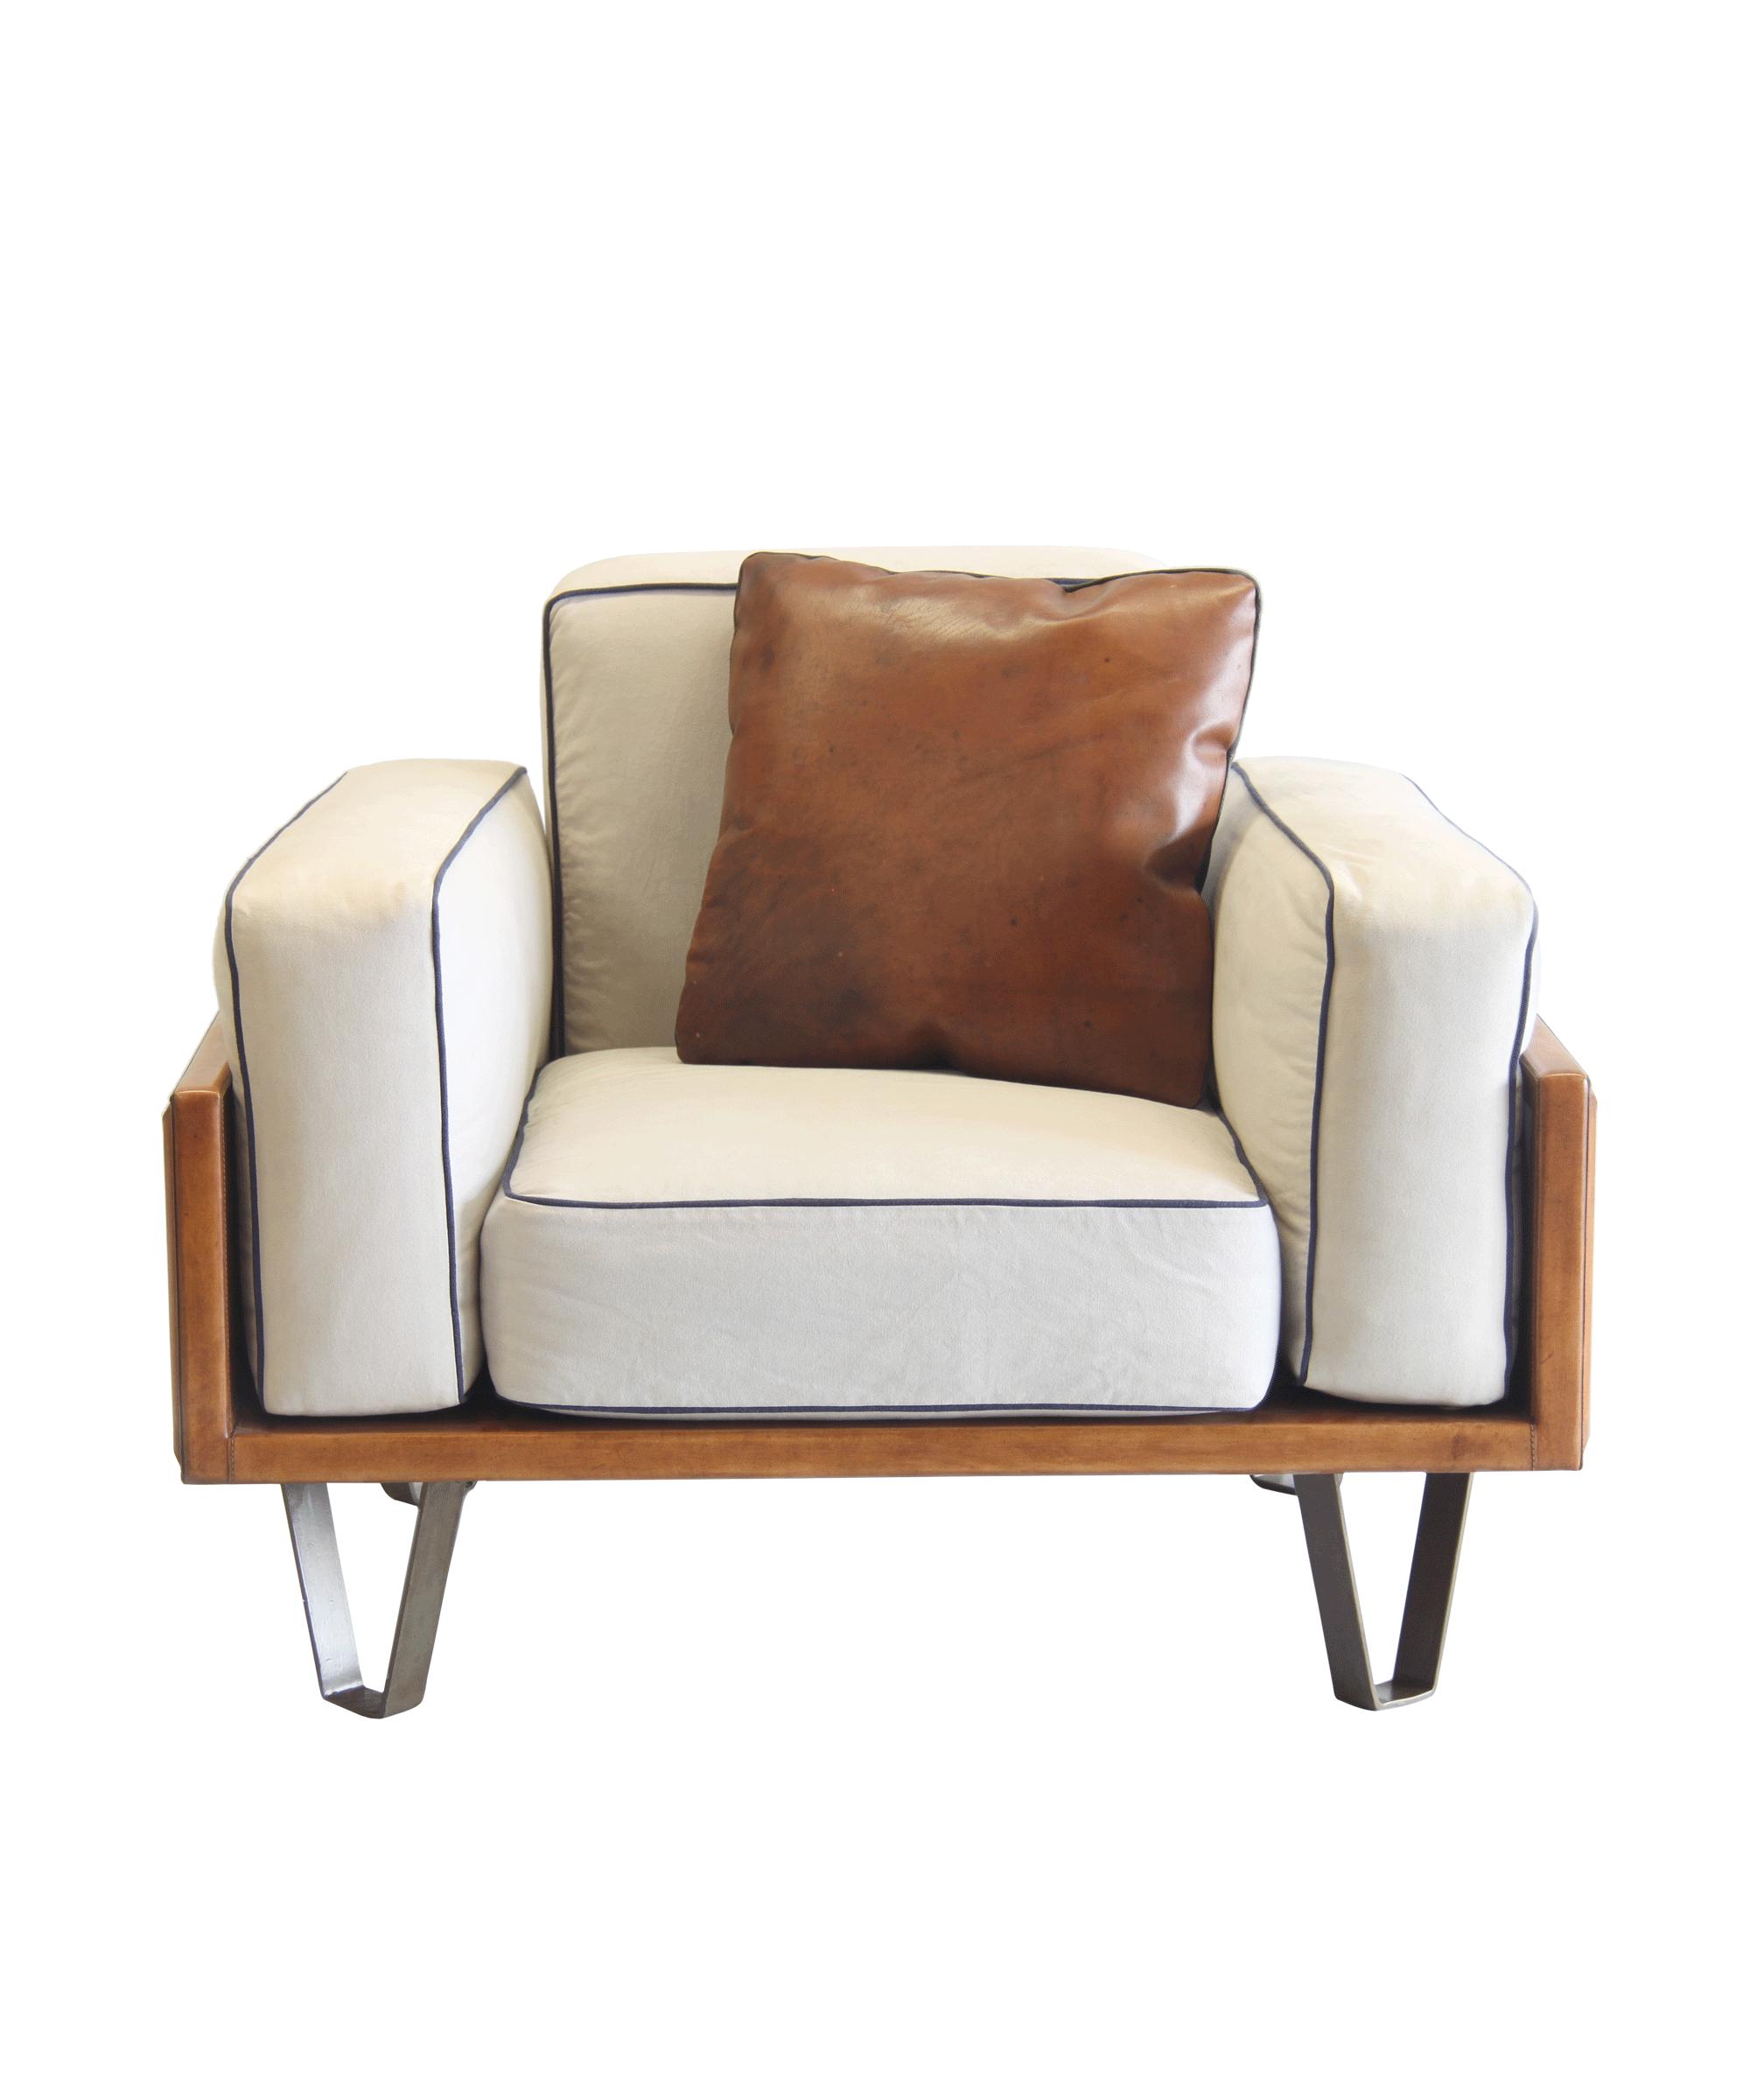 v deck single seater sofa portsidecaf. Black Bedroom Furniture Sets. Home Design Ideas